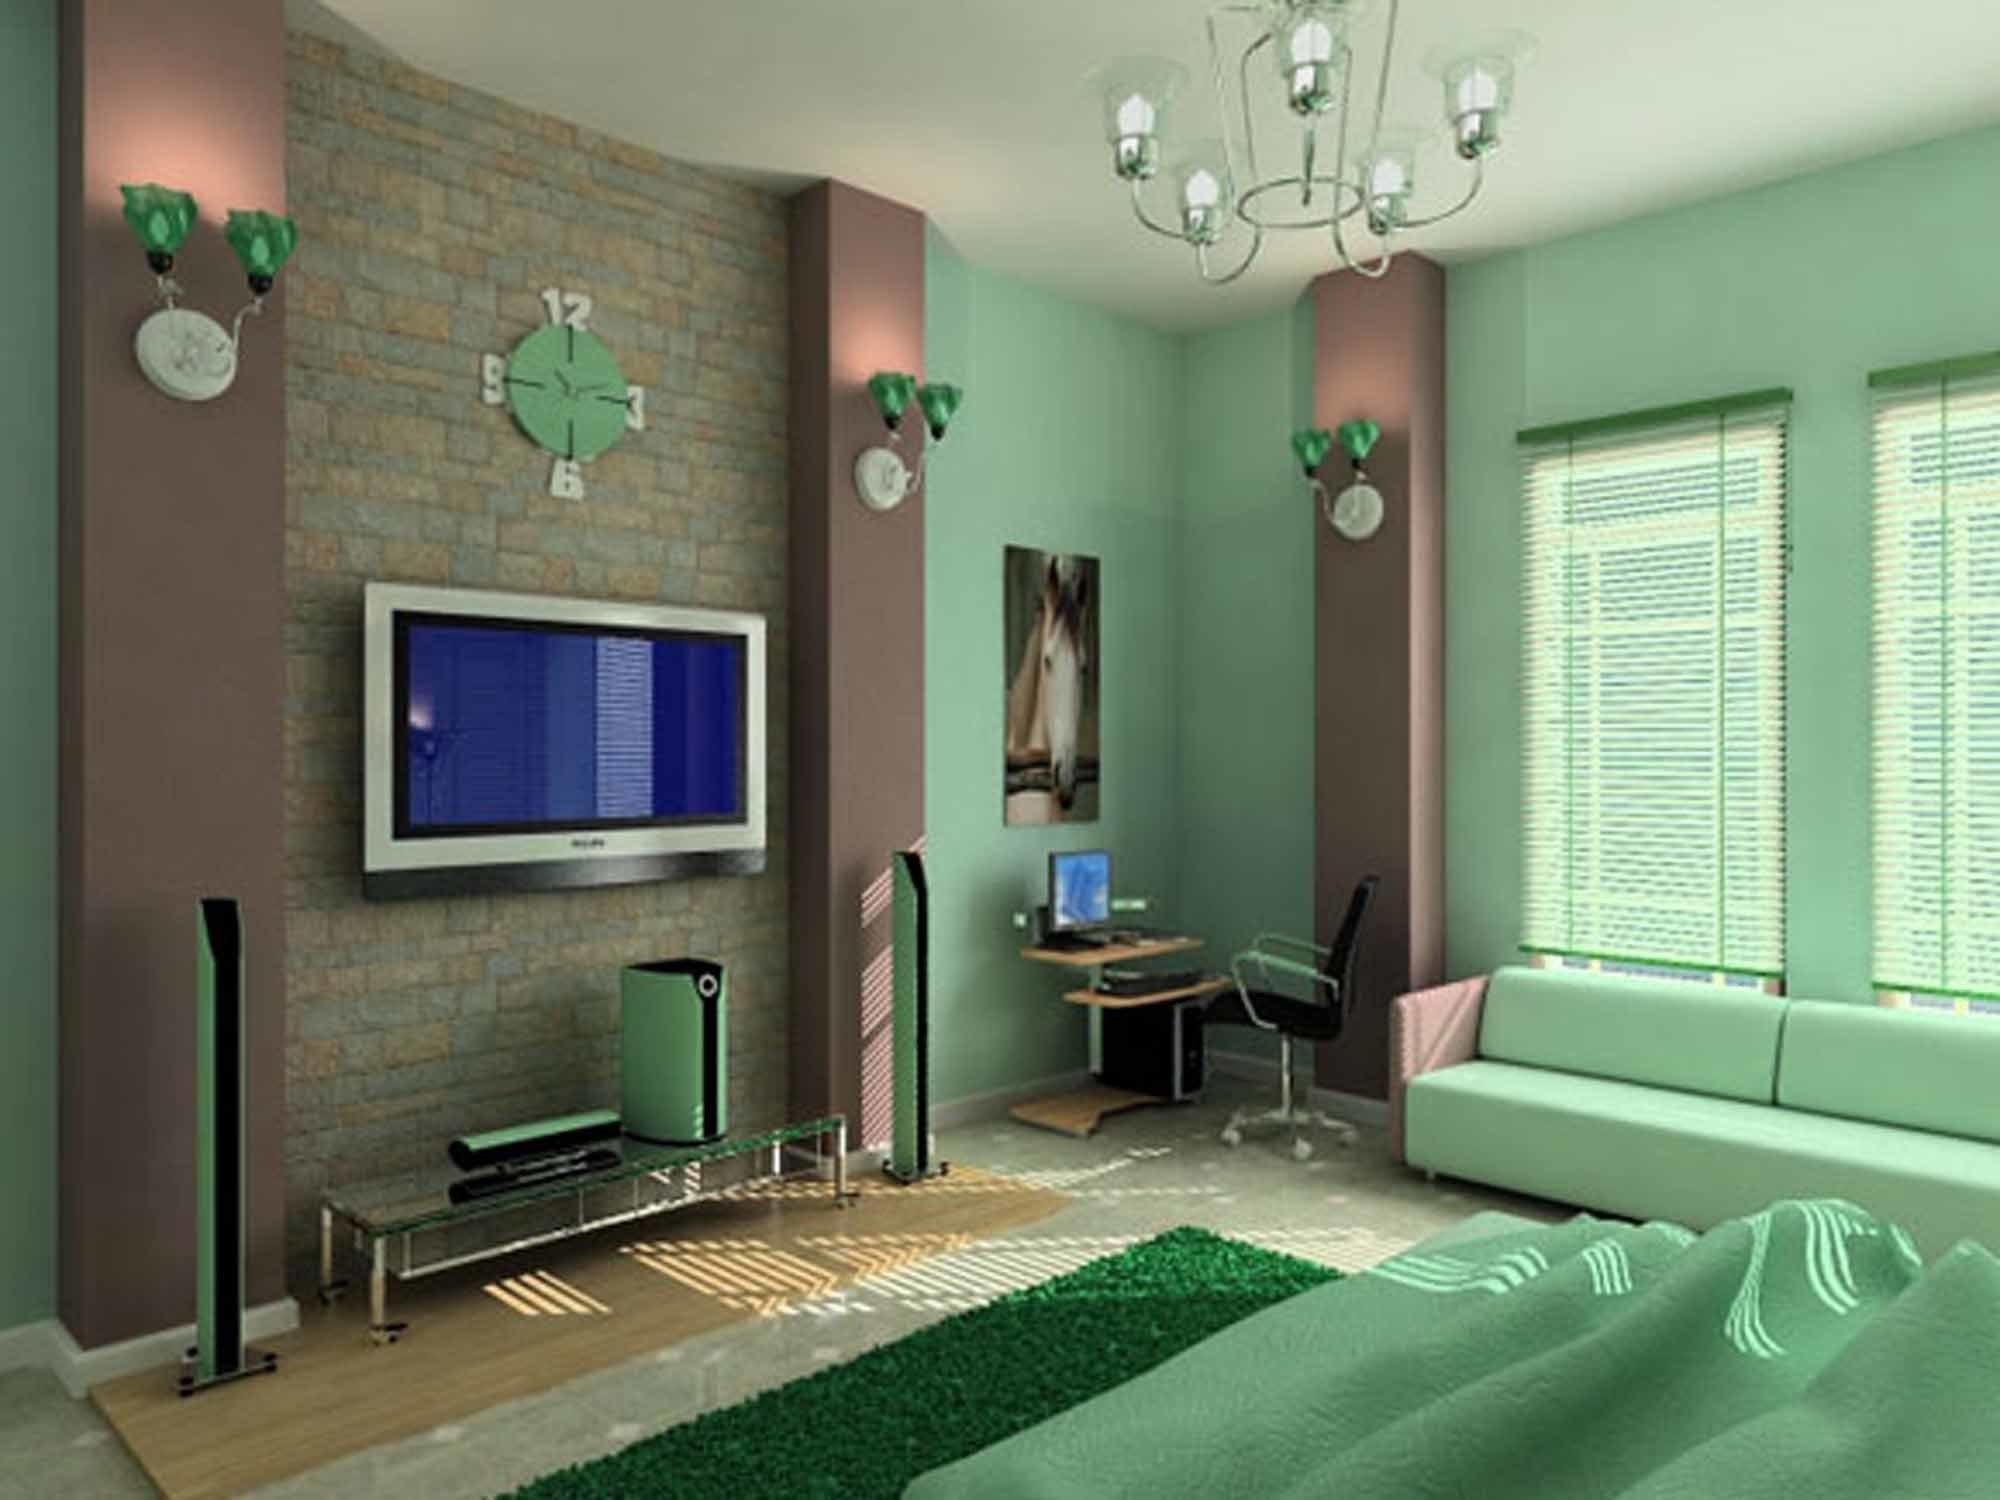 Дизайн комнаты 18 кв.м спальни-гостиной в зеленых тонах